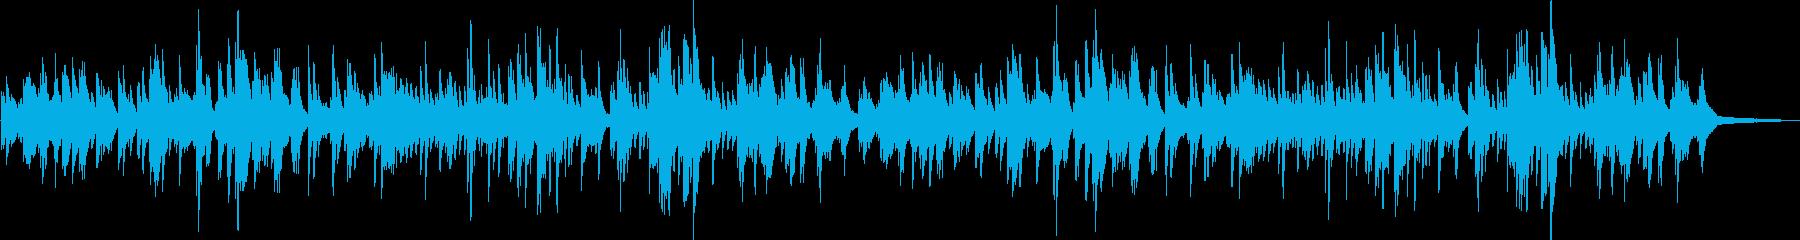 爽やか・優しいイメージ用 ピアノソロの再生済みの波形